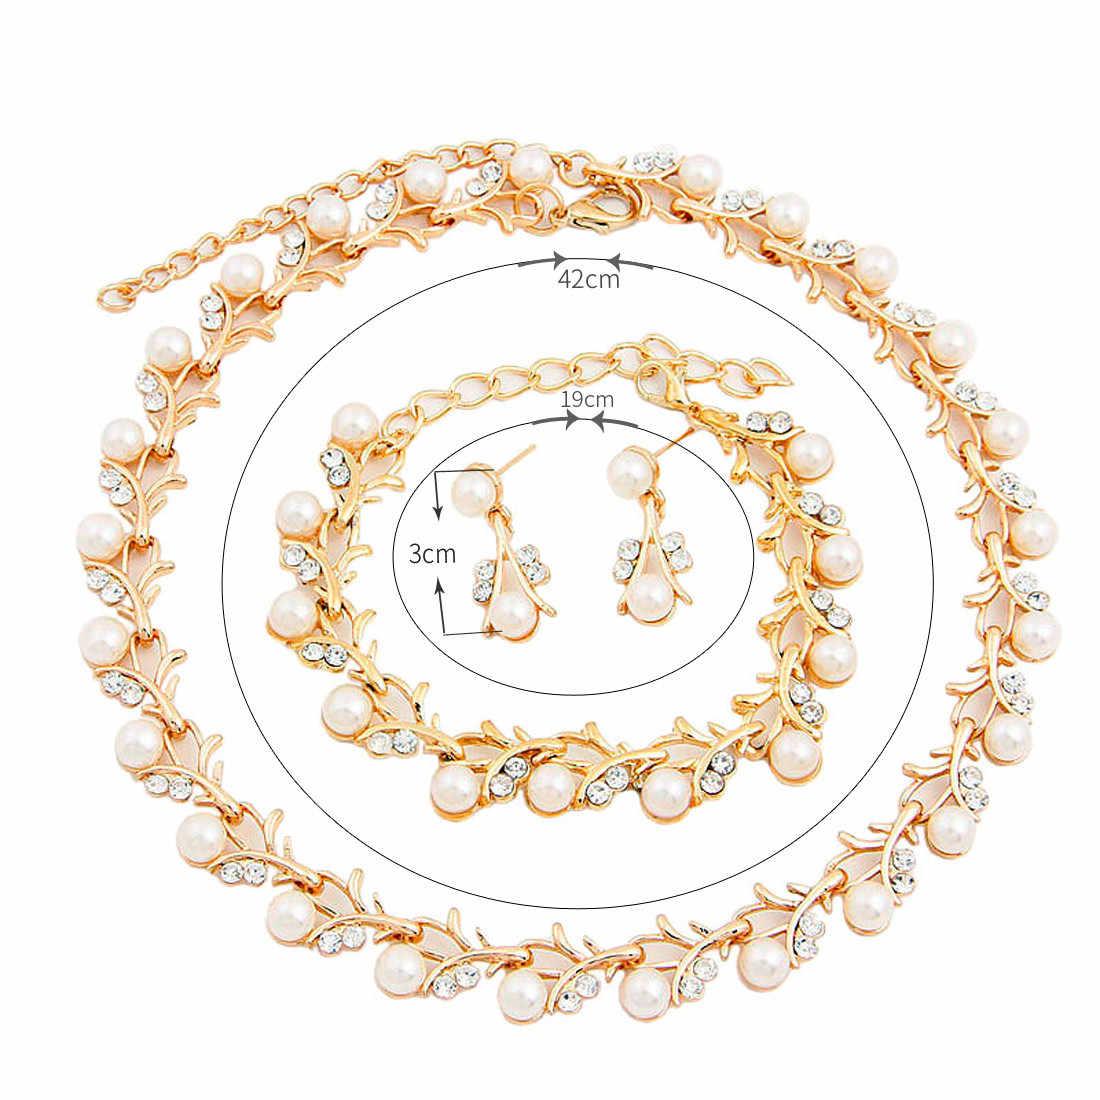 דובאי לוקסוס פרל תכשיטי סט לנשים כלות שרשרת עגילי צמיד סטי זהב כסף תכשיטים